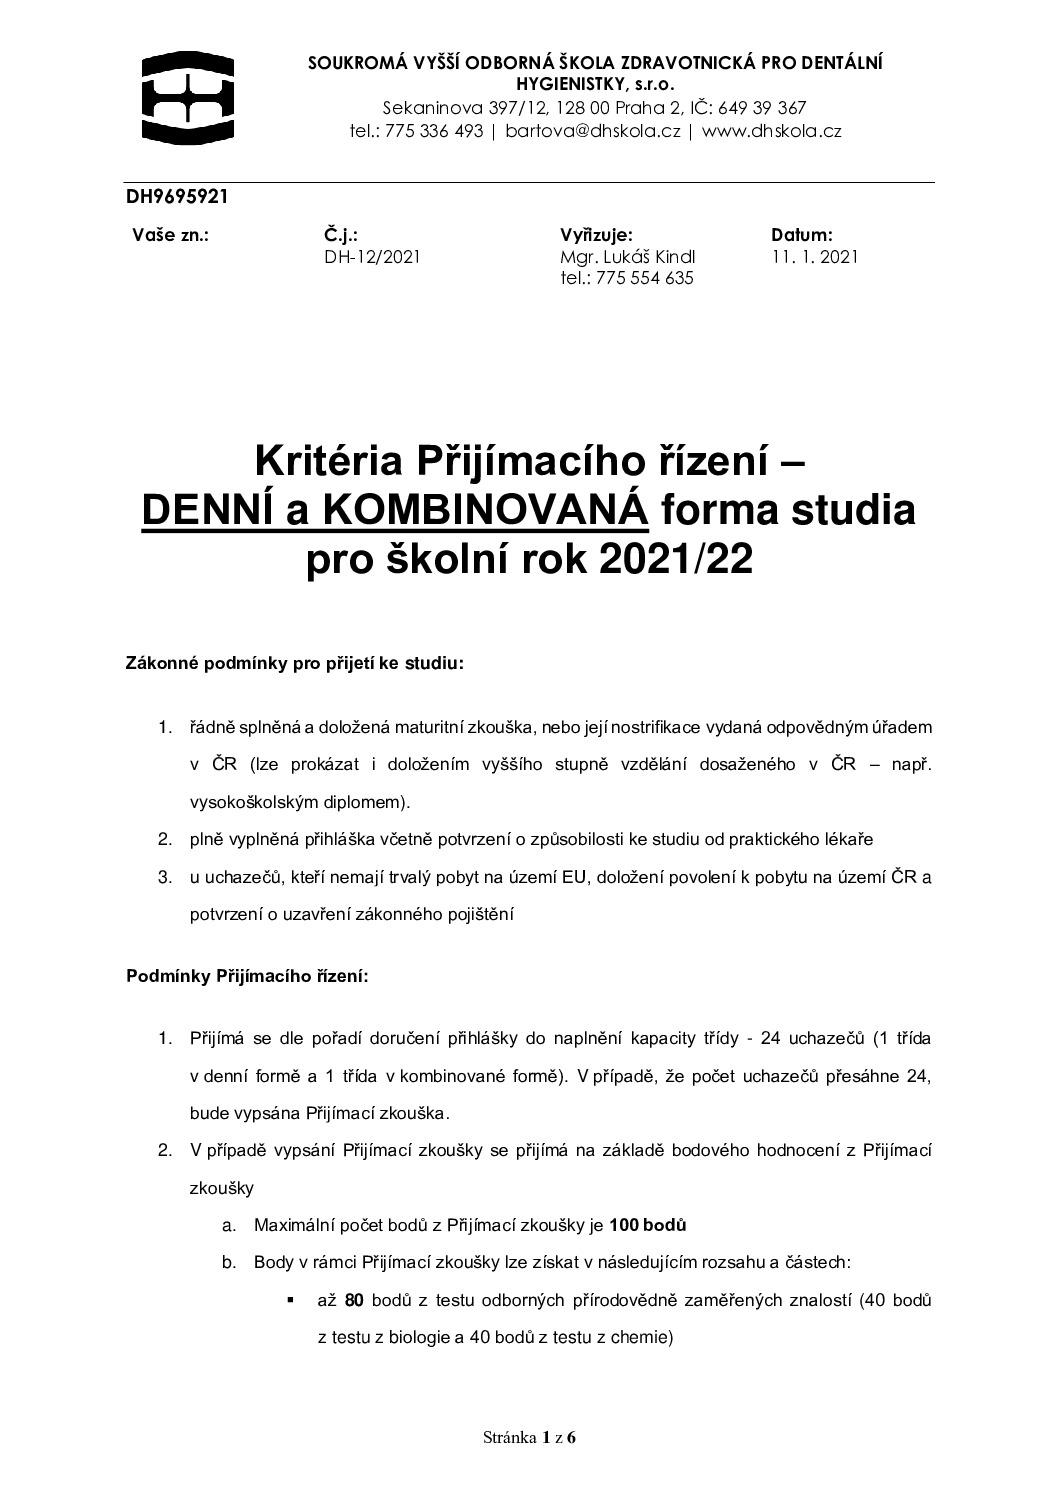 thumbnail of Kritéria – Kritéria příjmacího řízení DES KOS 2021-22 #12-2021